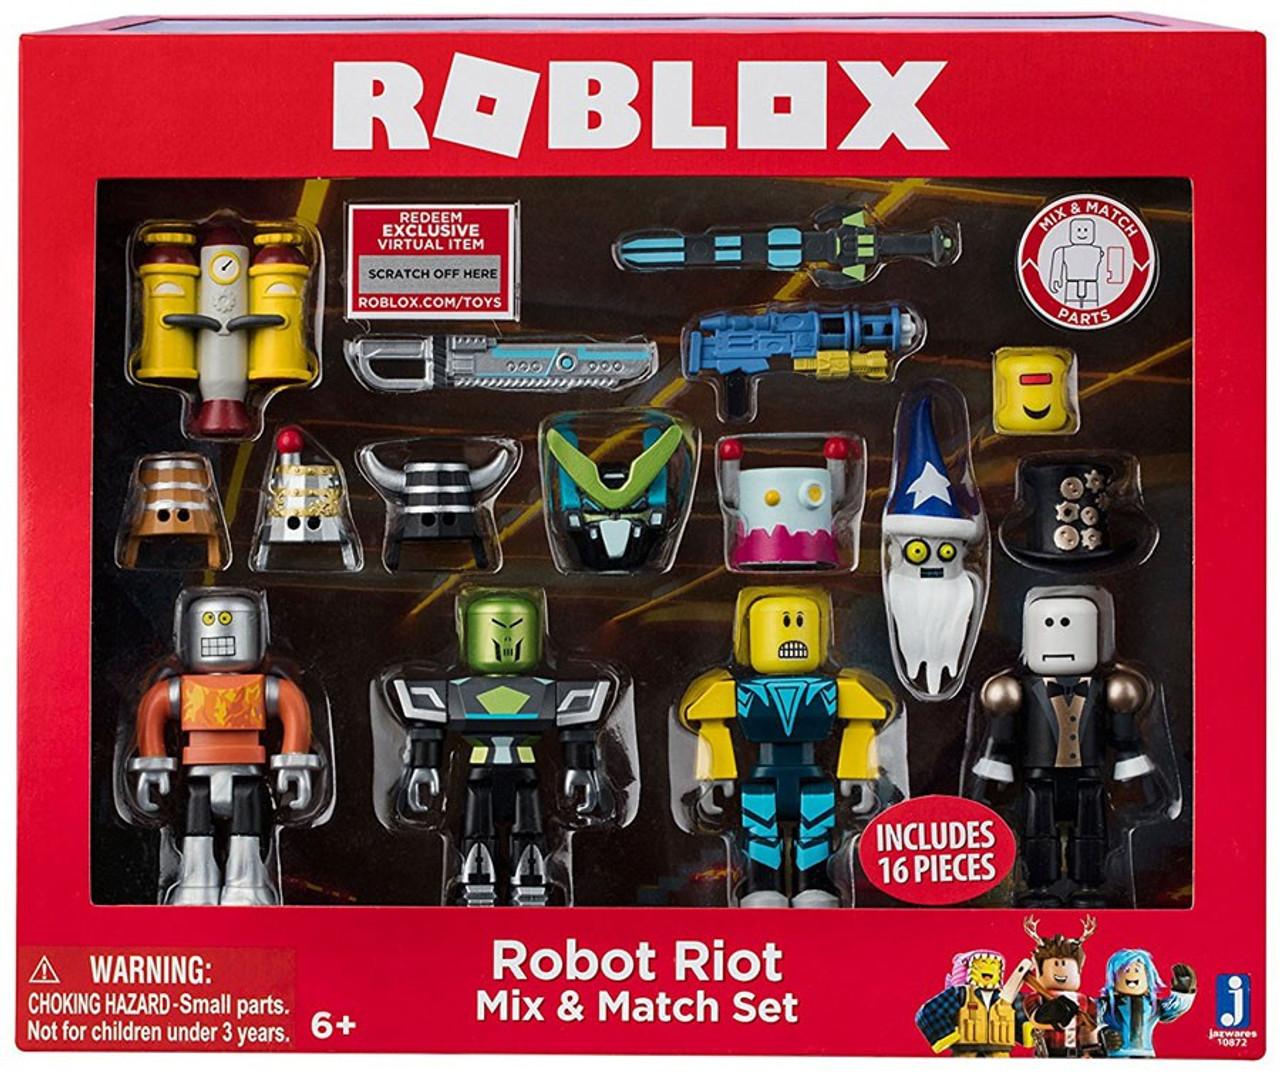 Roblox Mix & Match Robot Riot Figure 4-Pack Set